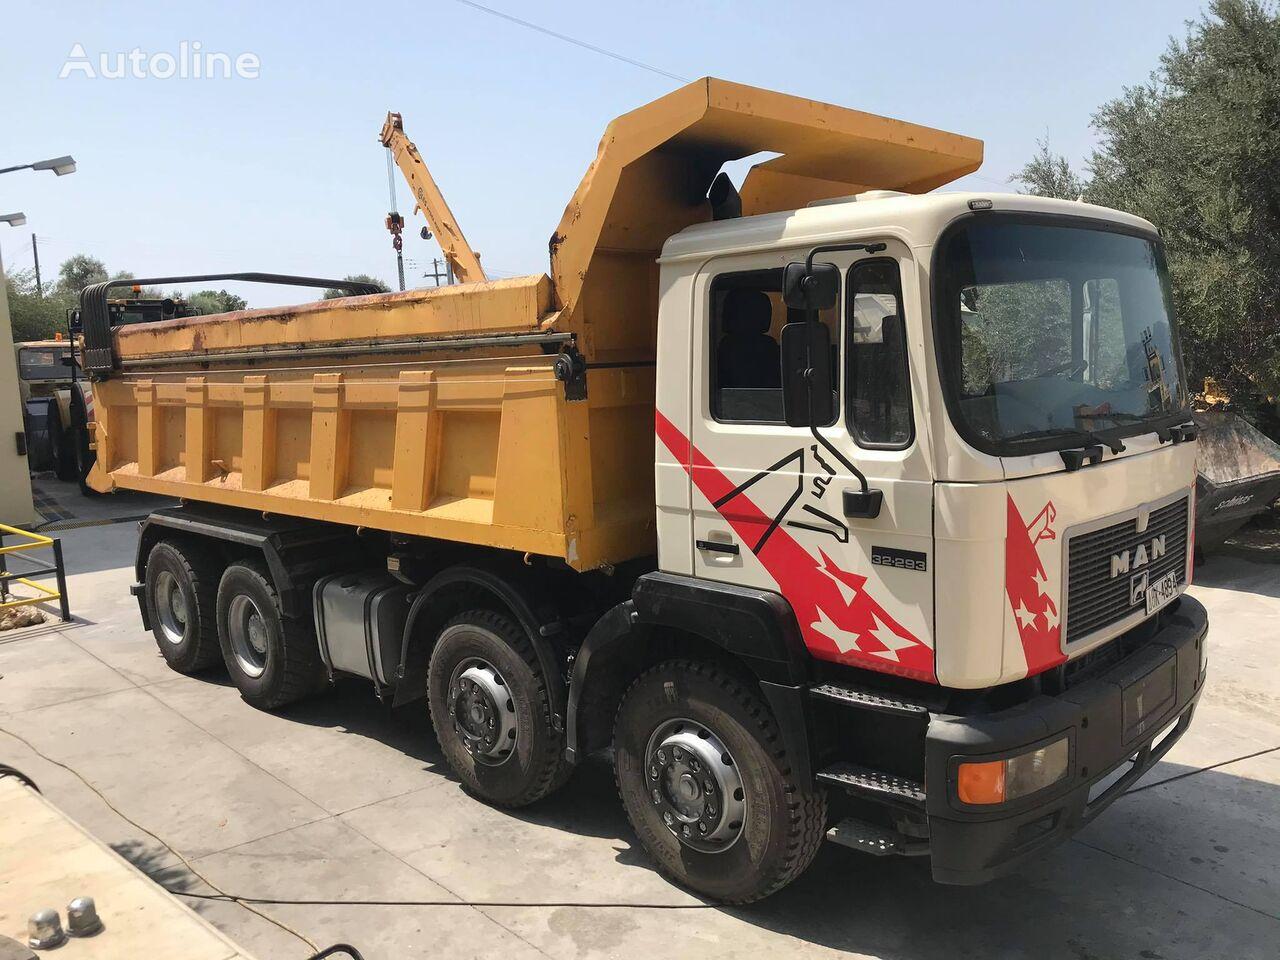 MAN 32.293 dump truck